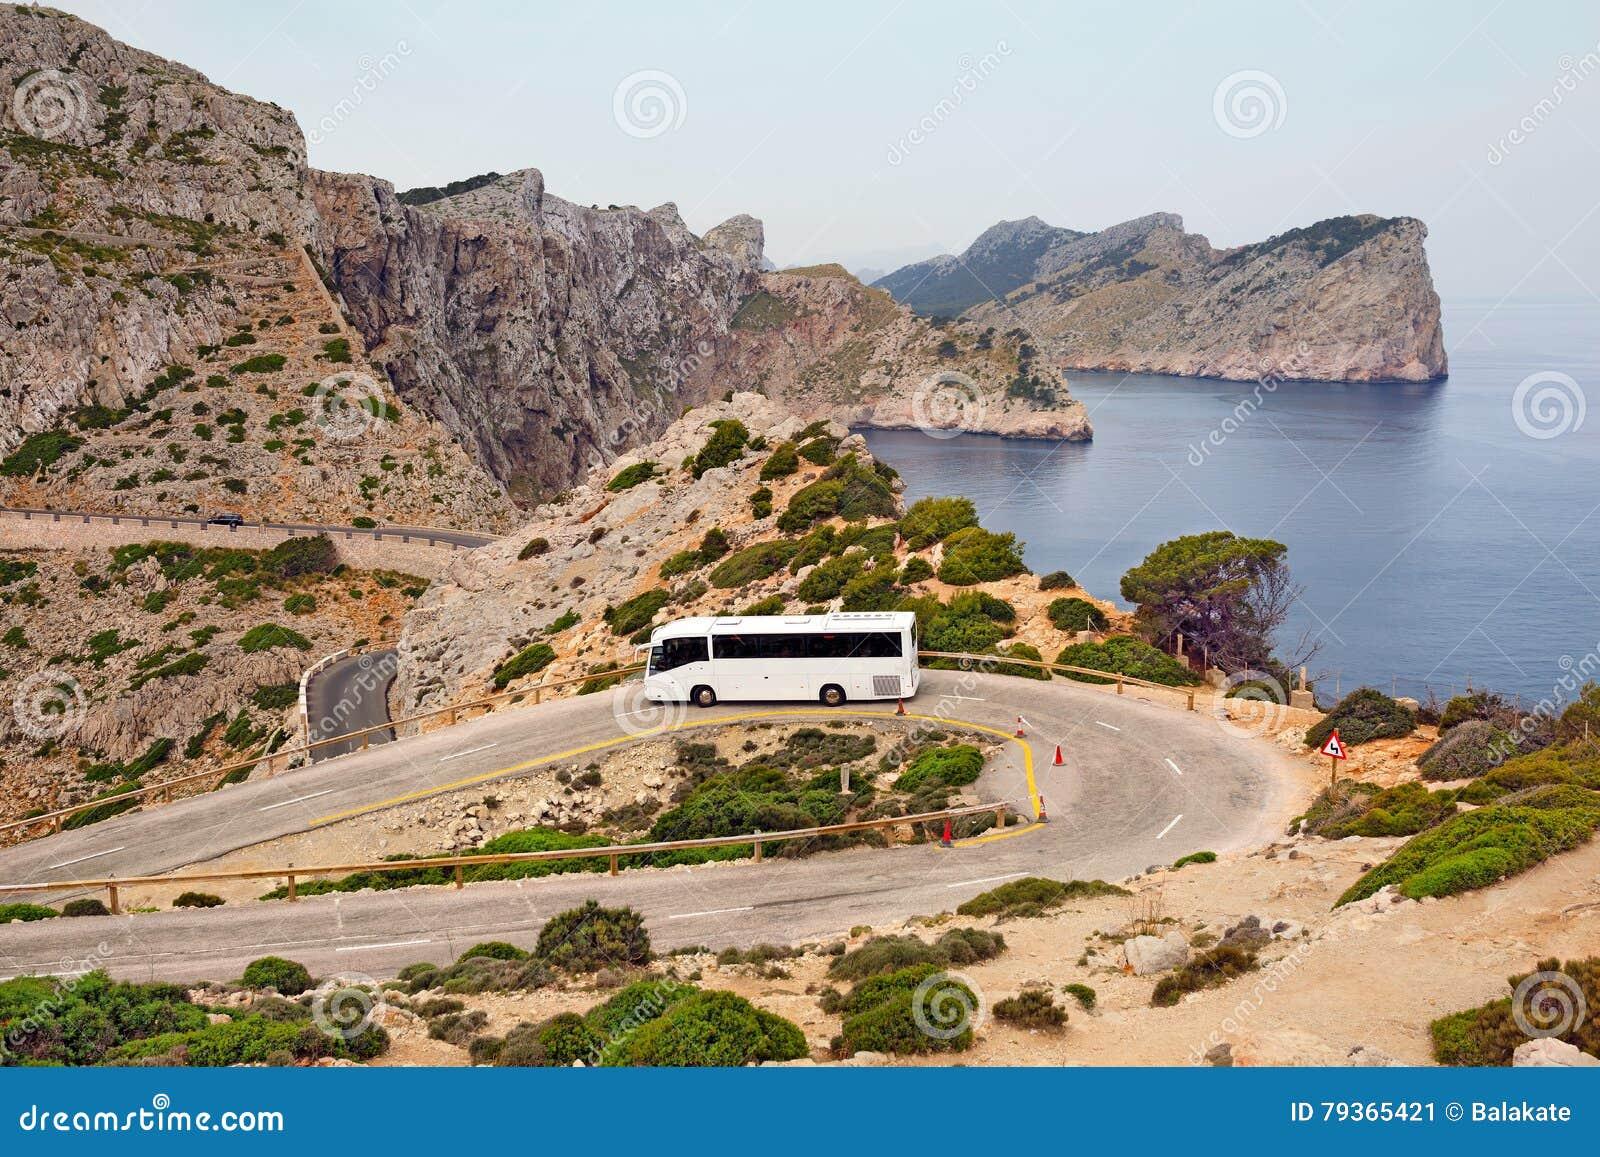 Turystyczny autobus na halnej drodze przylądek Formentor Wyspa Majorca, Hiszpania